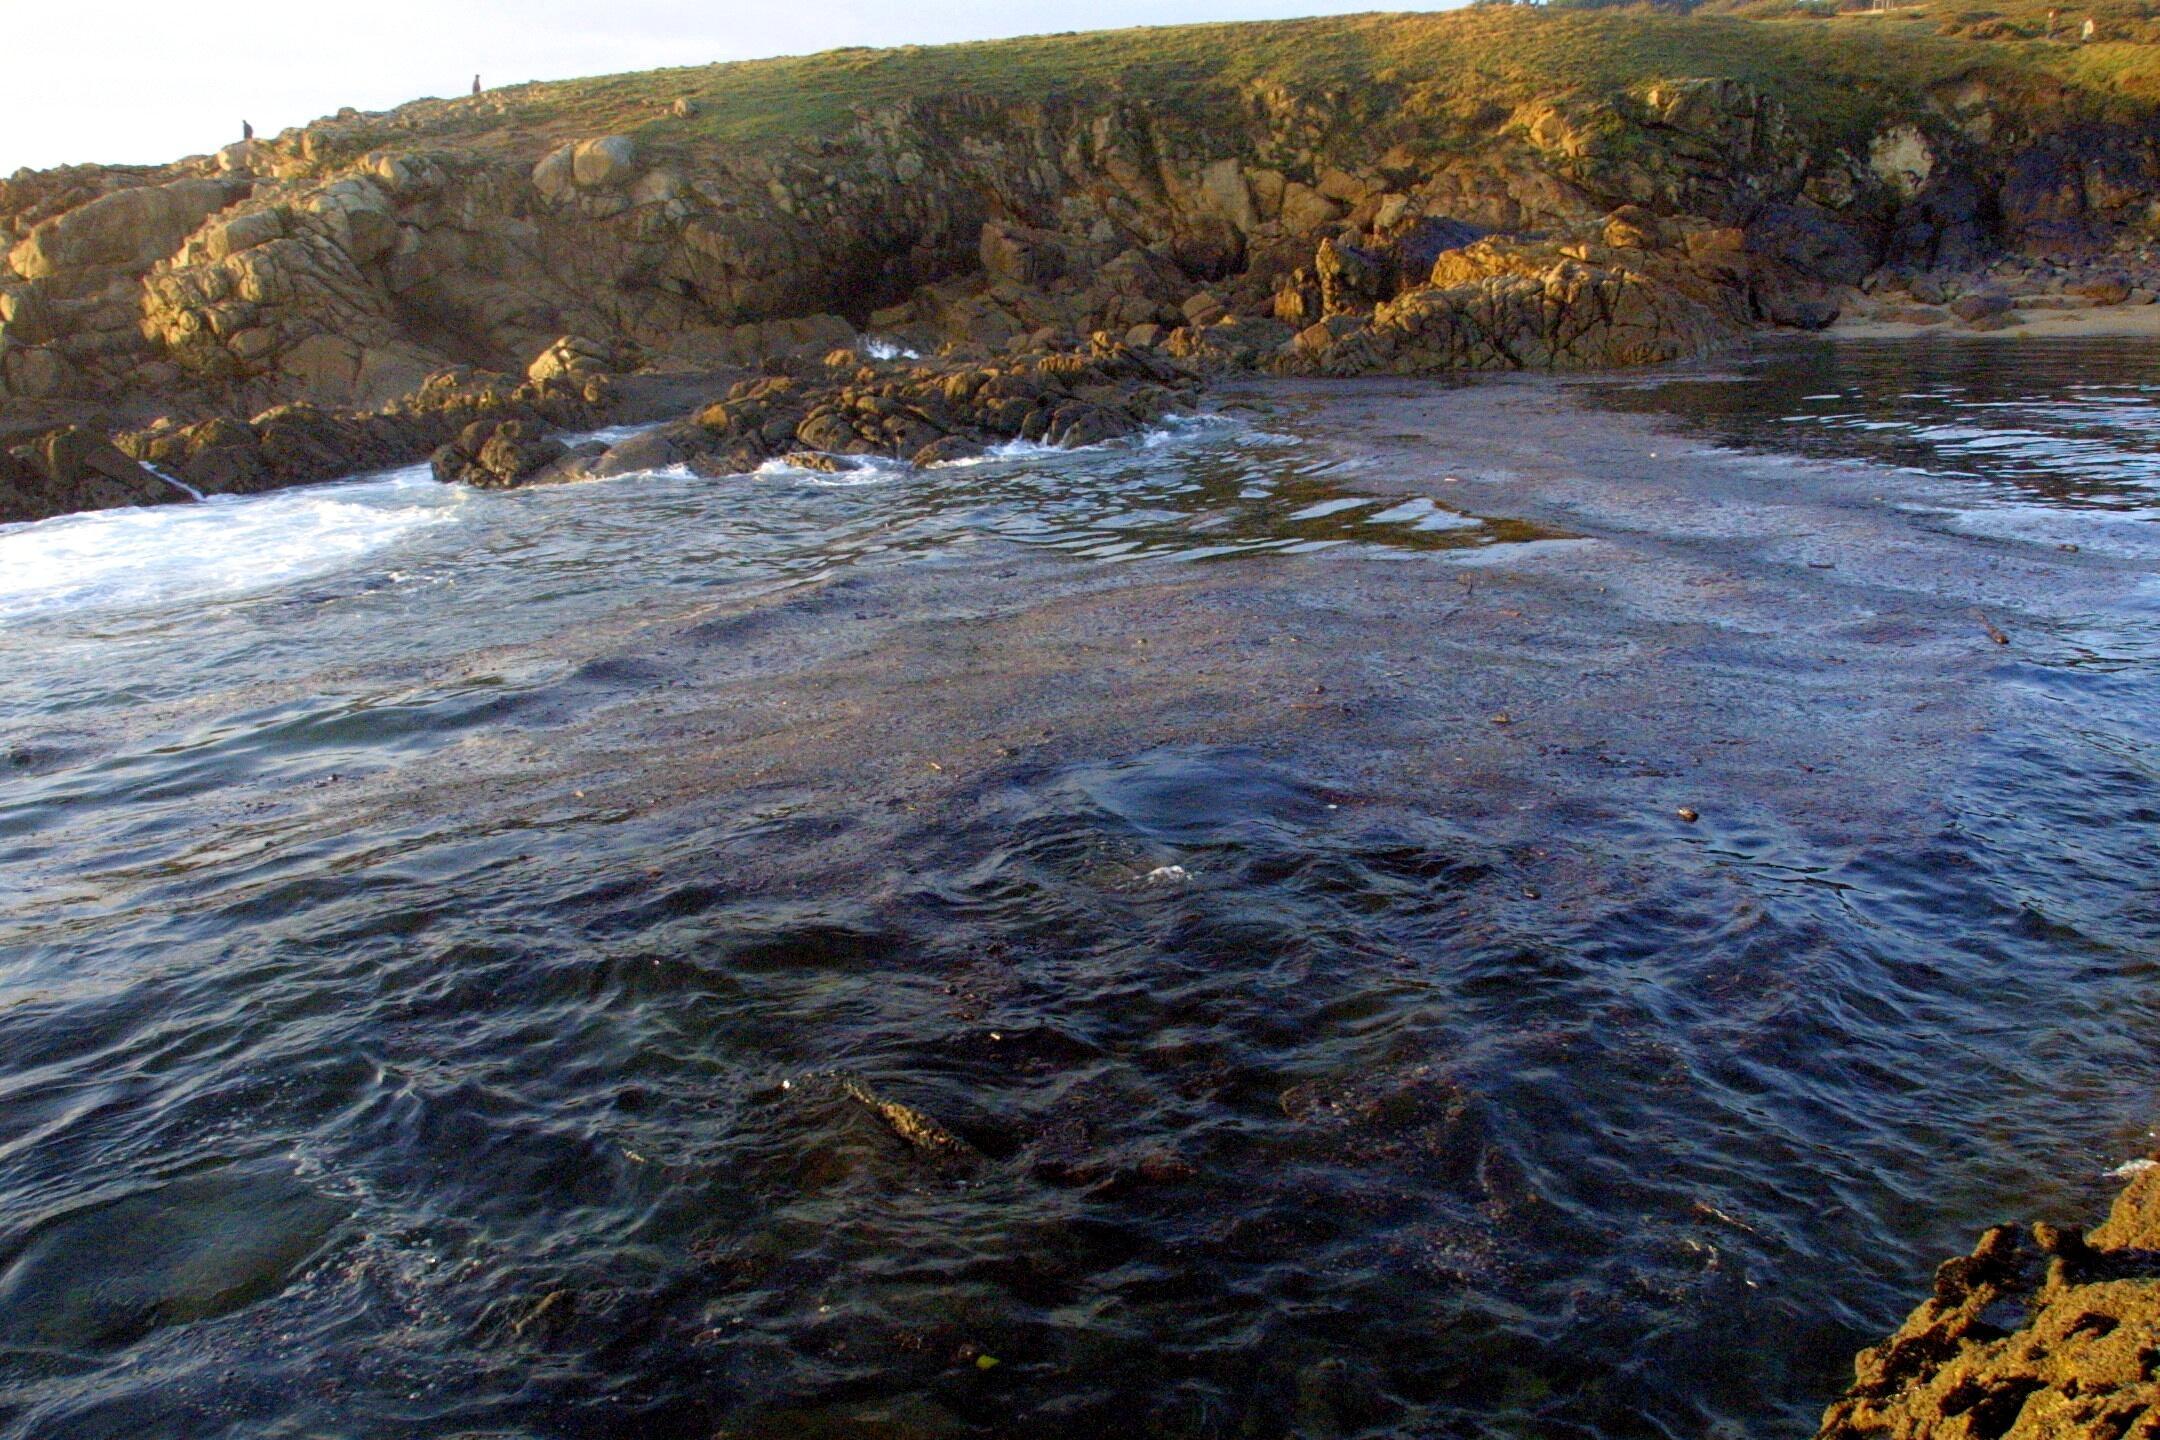 Fuel sobre las aguas de Doniños, en Ferrol. <br><b>Xabier Novo</b>